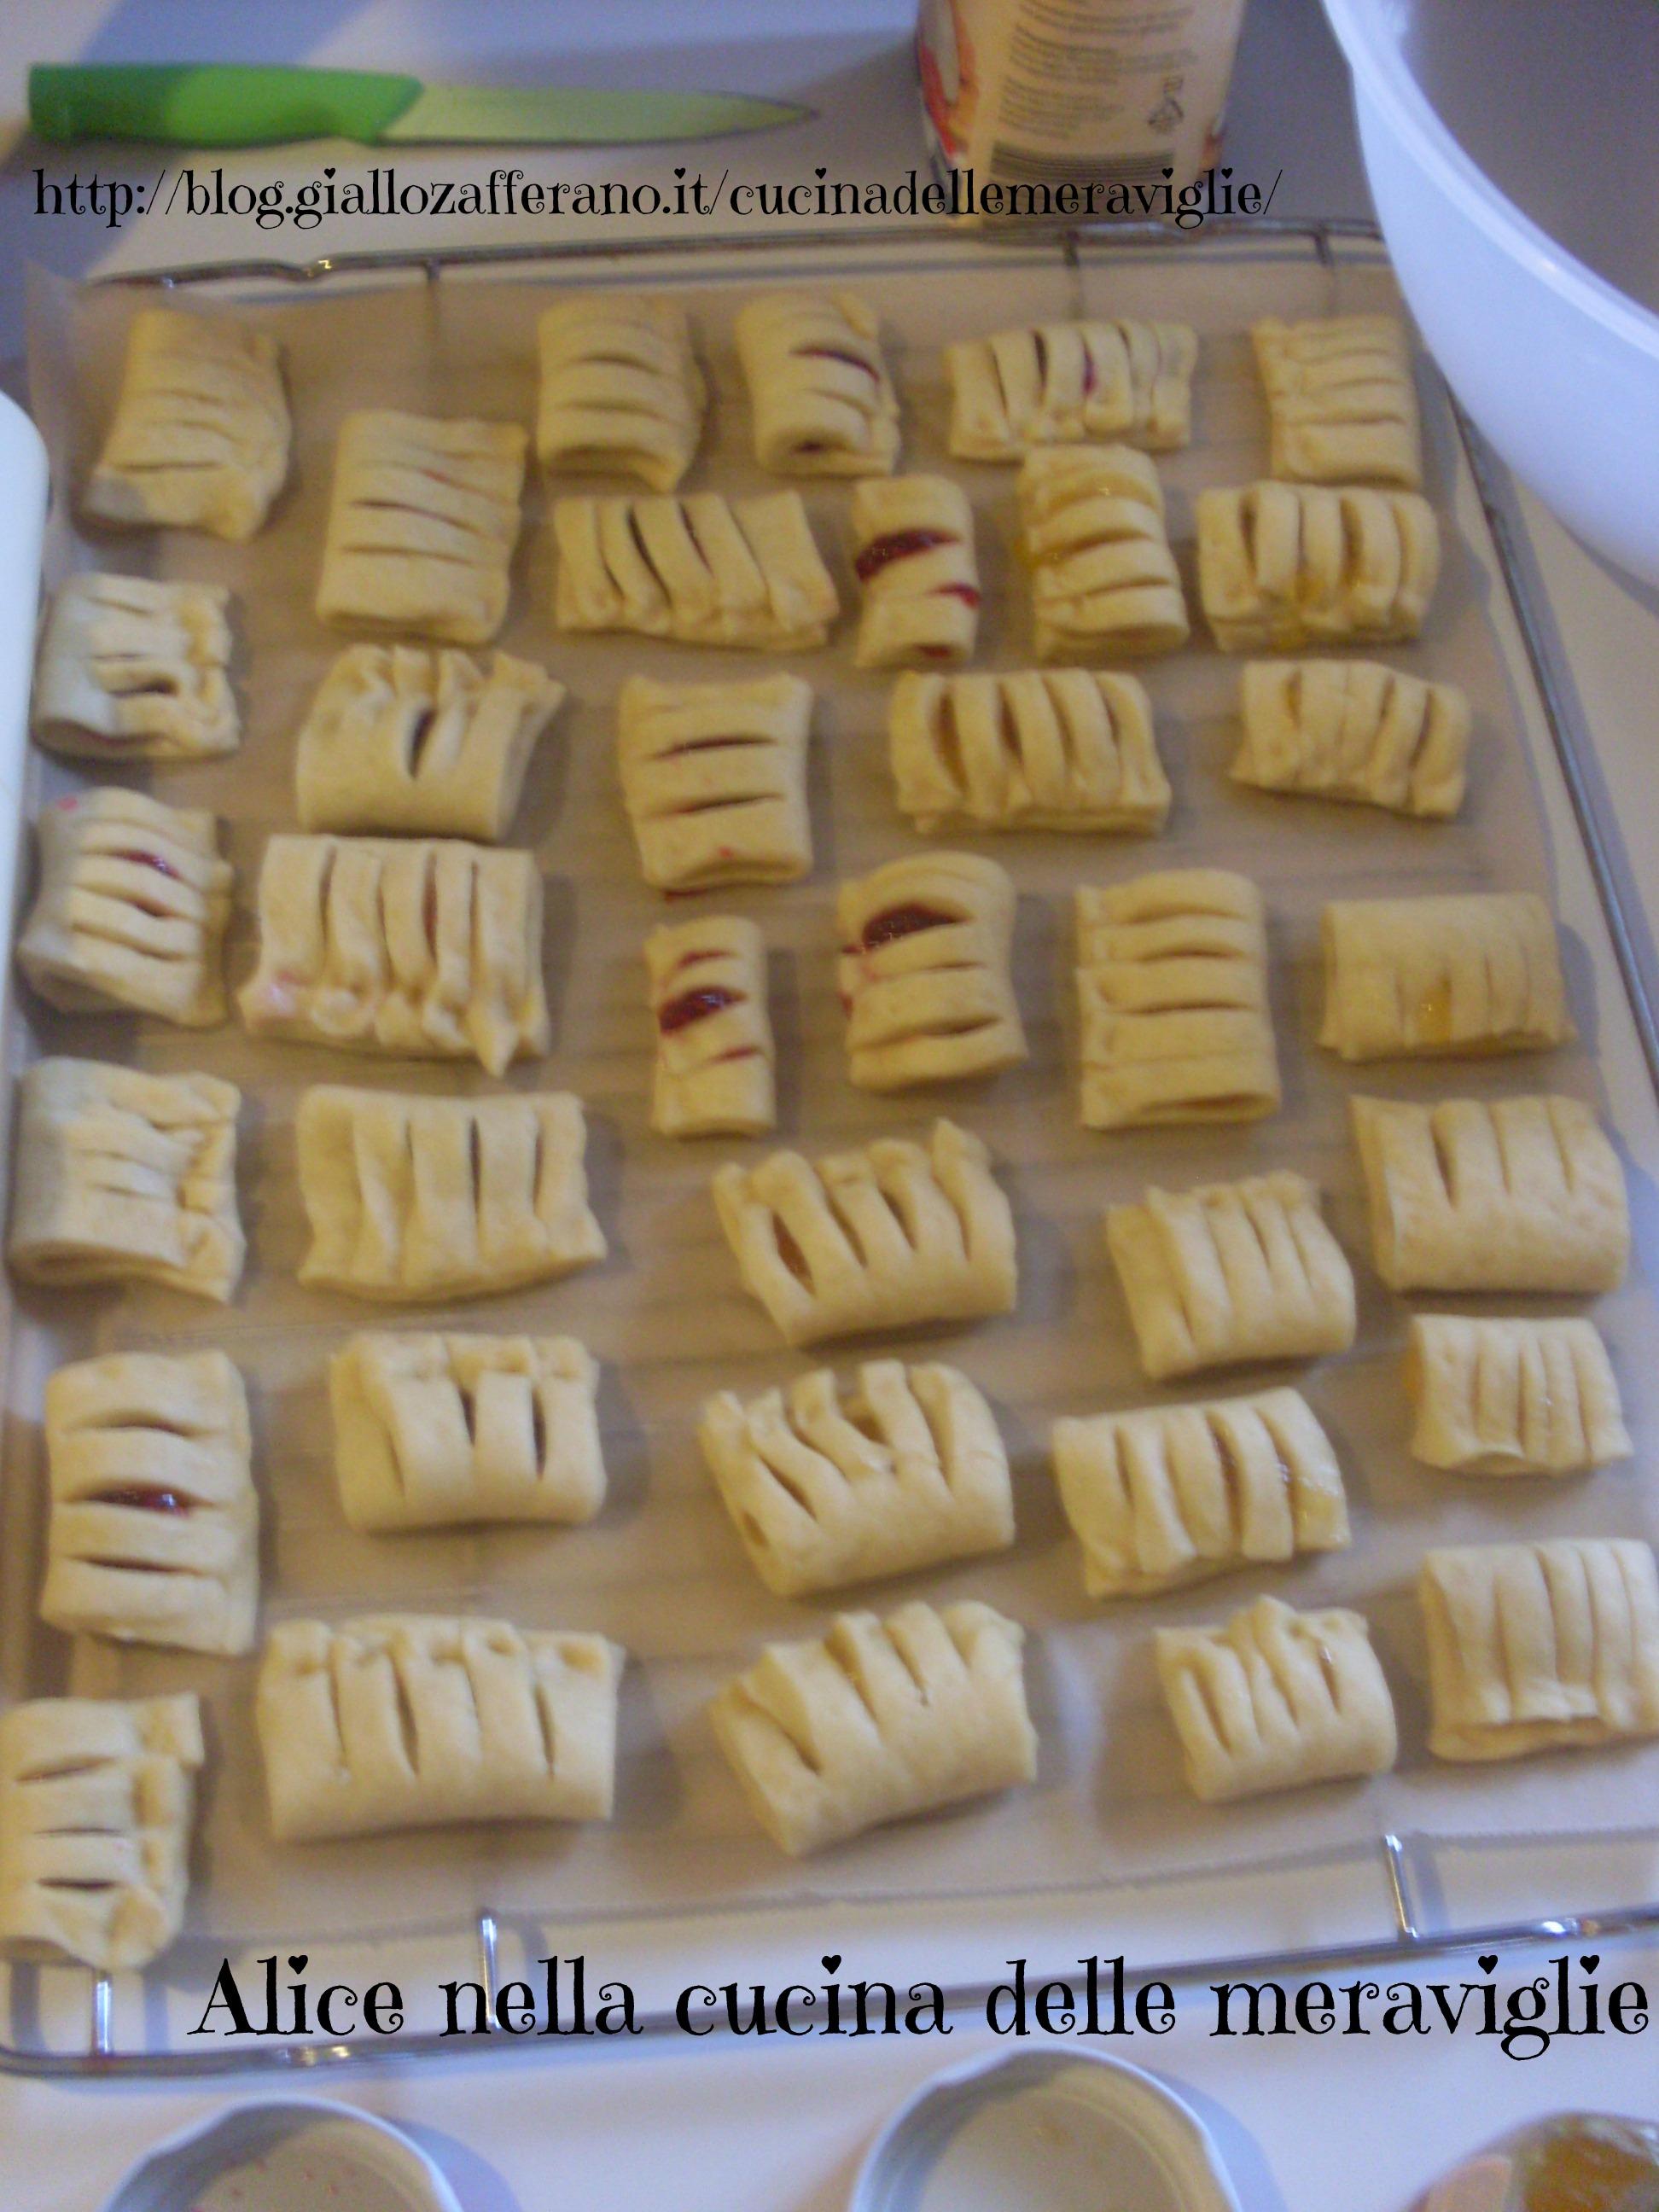 Saccottini alla marmellata Ricetta dolce Alice nella cucina delle meraviglie